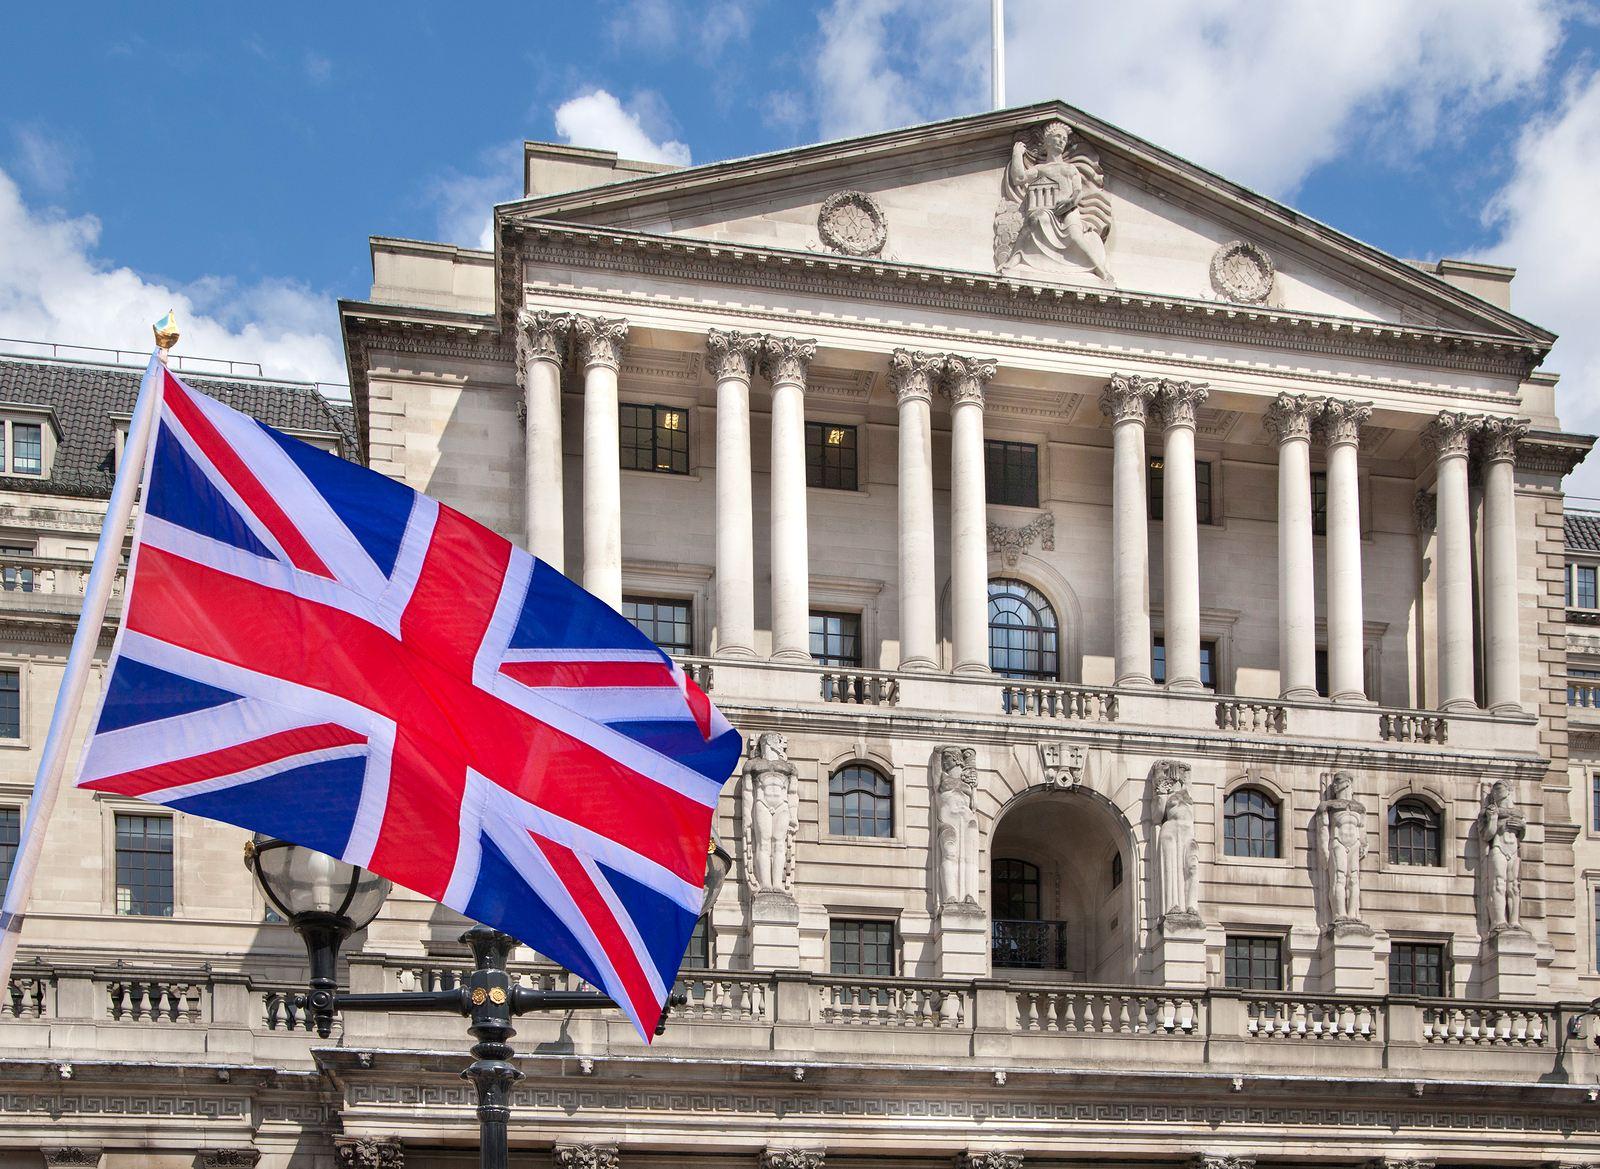 英国留学:英国脱欧后对中国留学生有哪些积极影响?_英国新闻_英国中文网